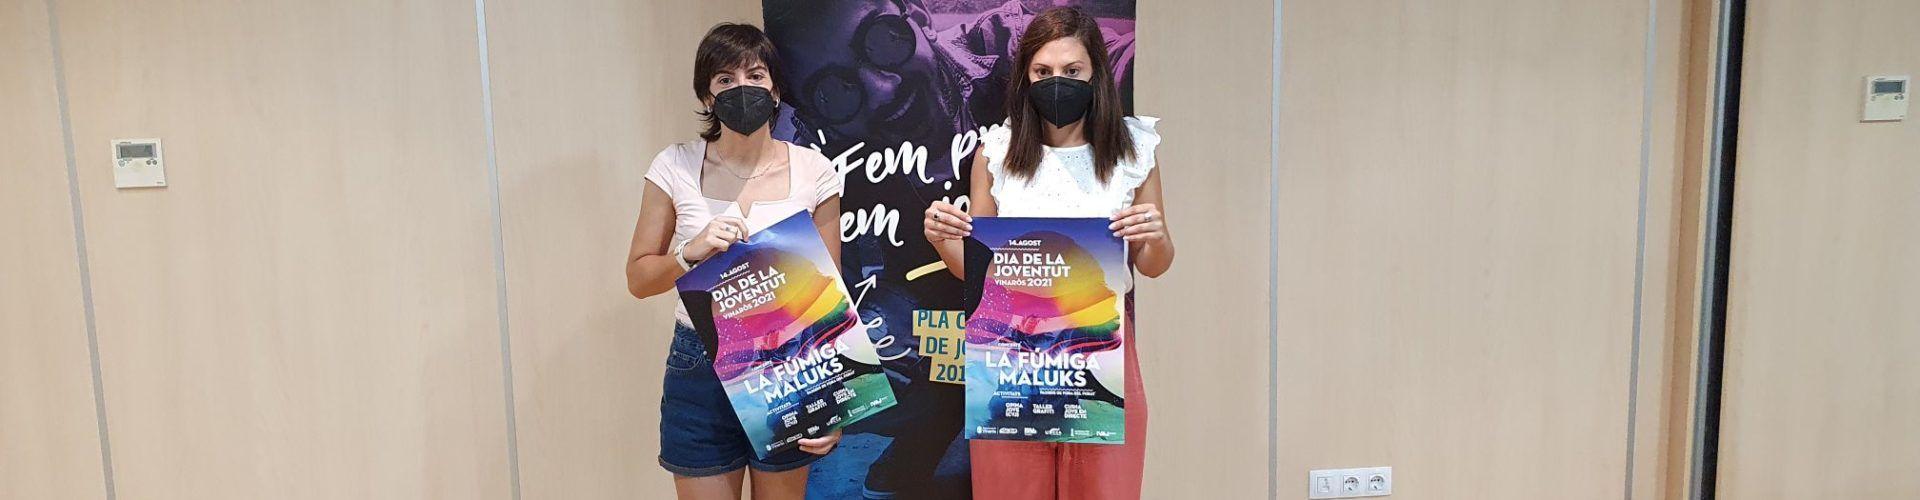 Vídeo: Presentació del Dia de la Joventut a Vinaròs